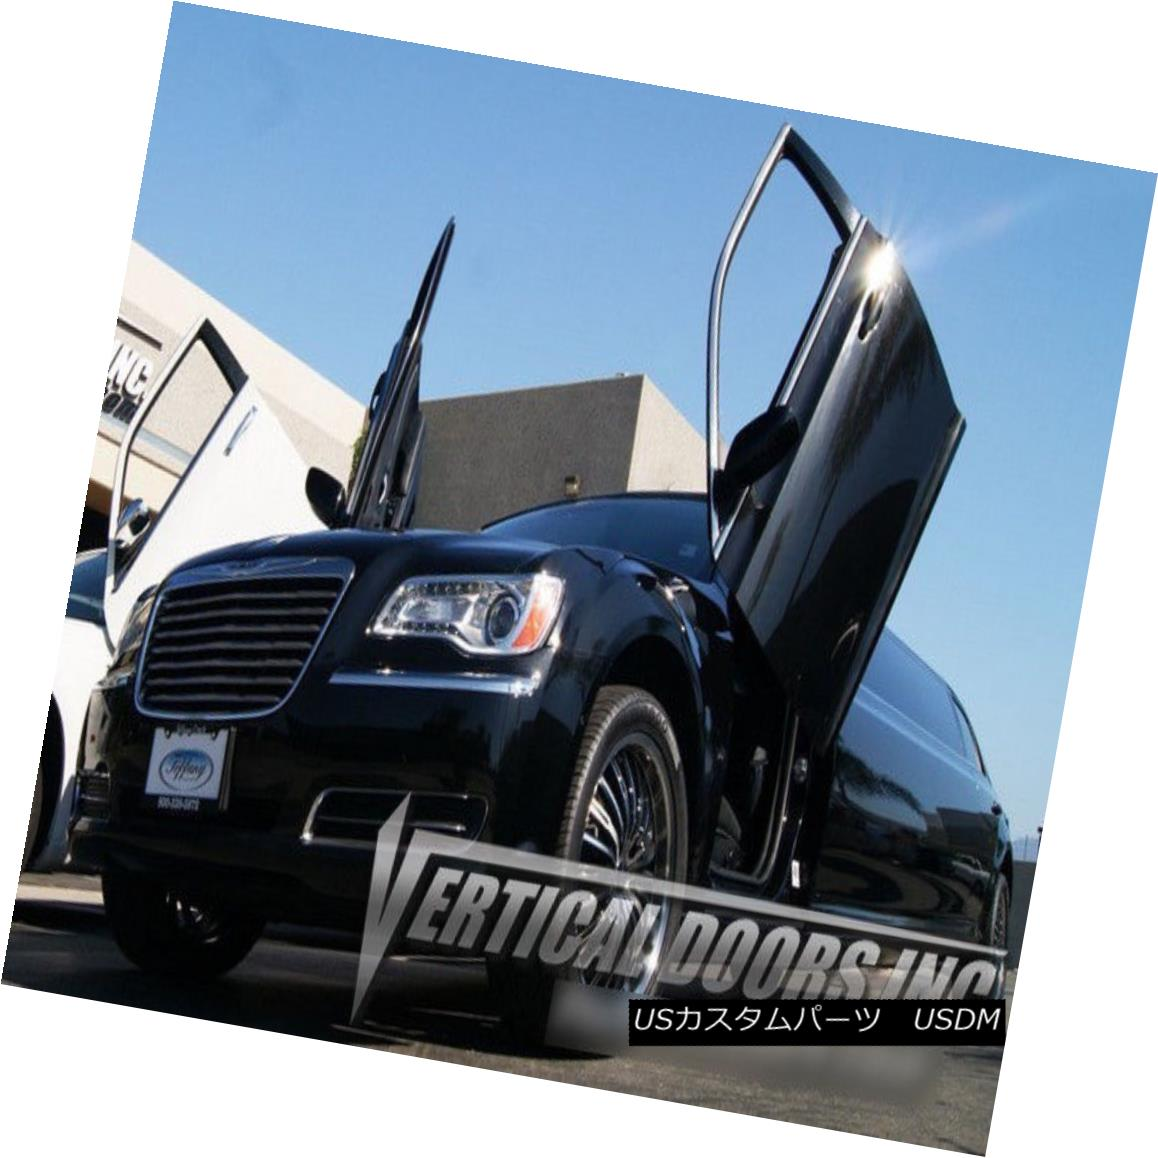 ガルウィングキット Vertical Doors Inc. Bolt-On Lambo Kit for Chrysler 300 11-12 Vertical Doors Inc.クライスラー用Bolt-On Lamboキット300 11-12